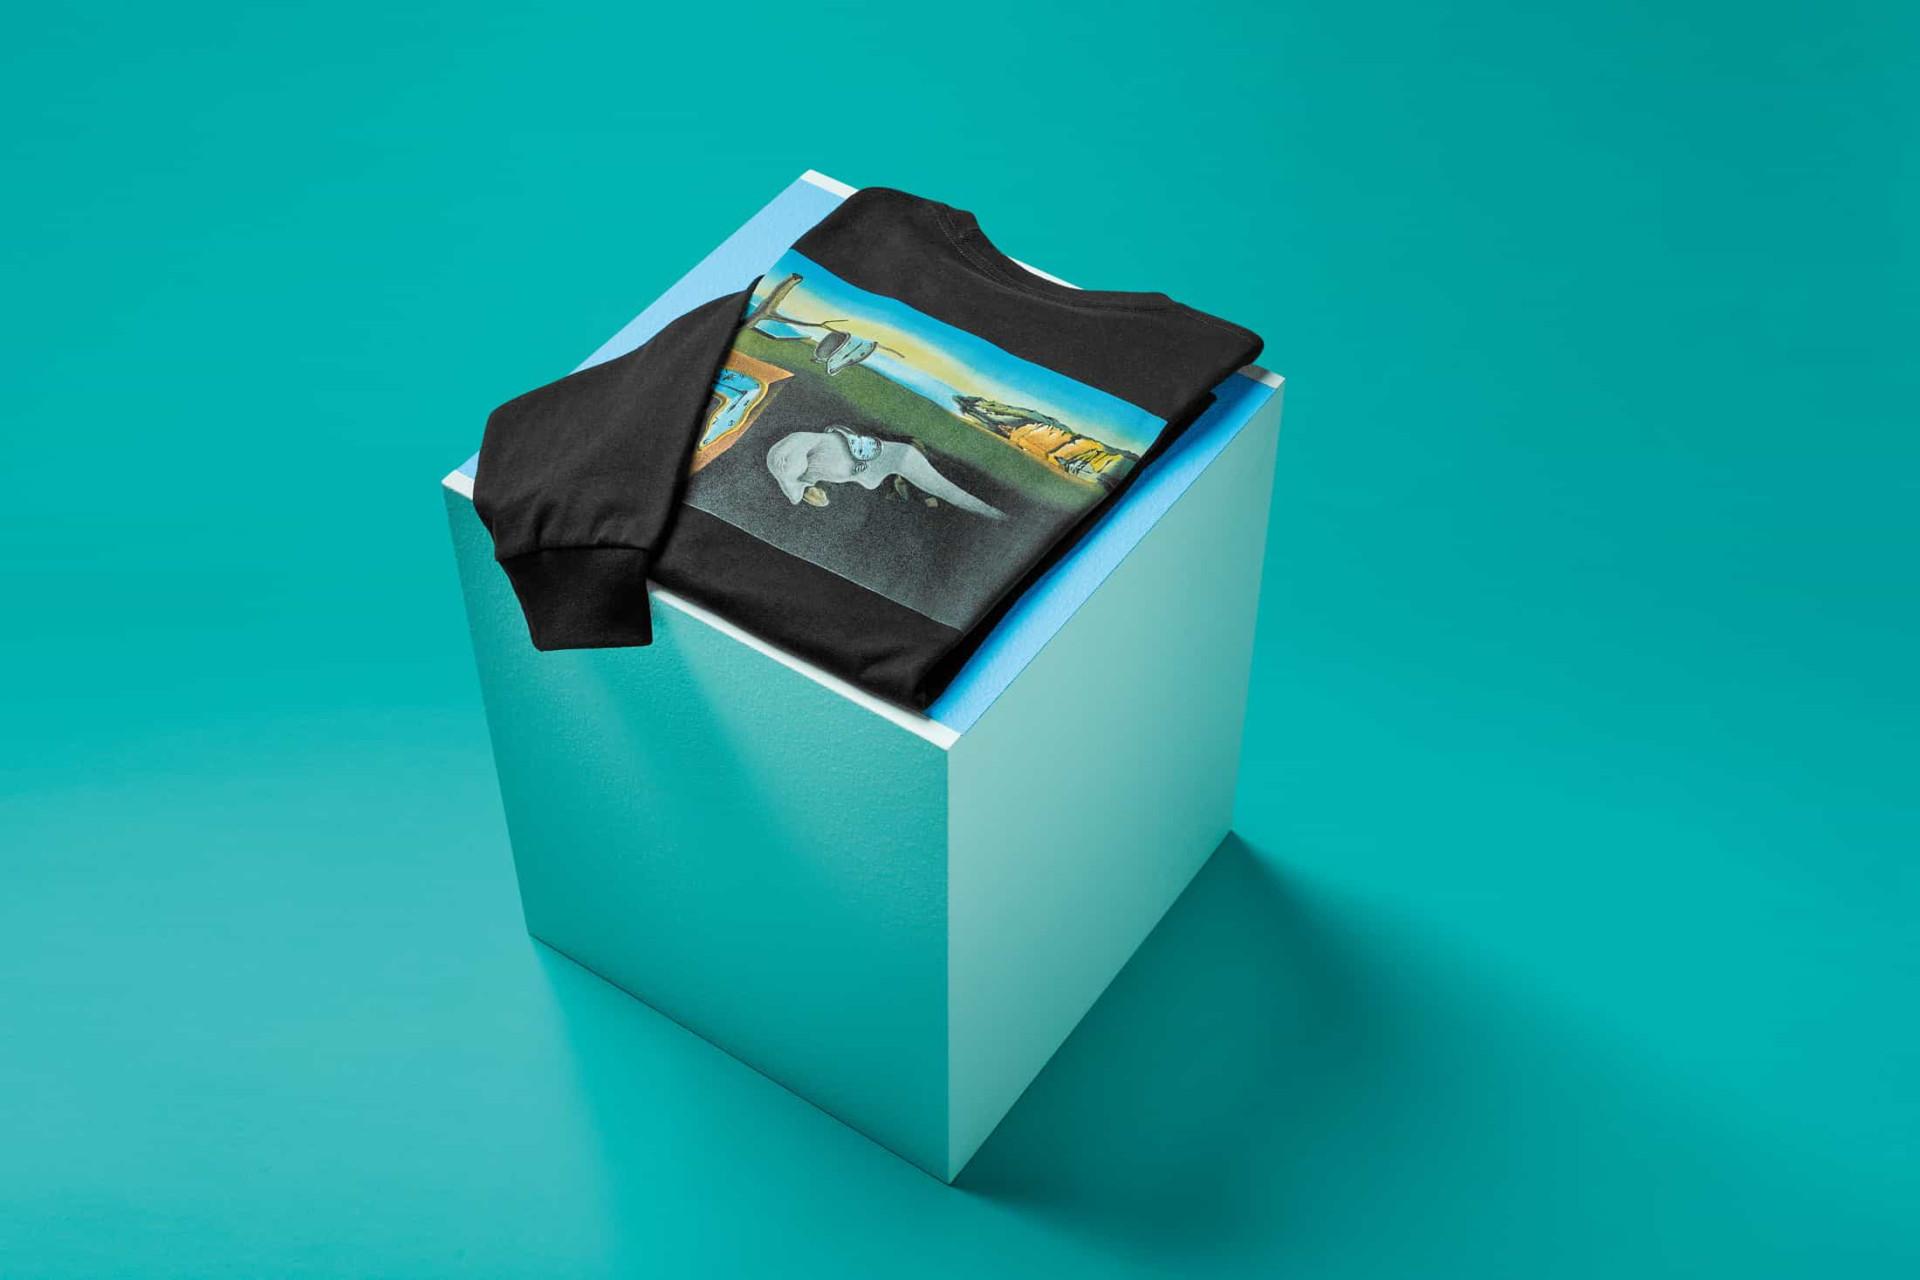 Vans e MoMA lançam coleção icónica que celebra Dalí e Monet